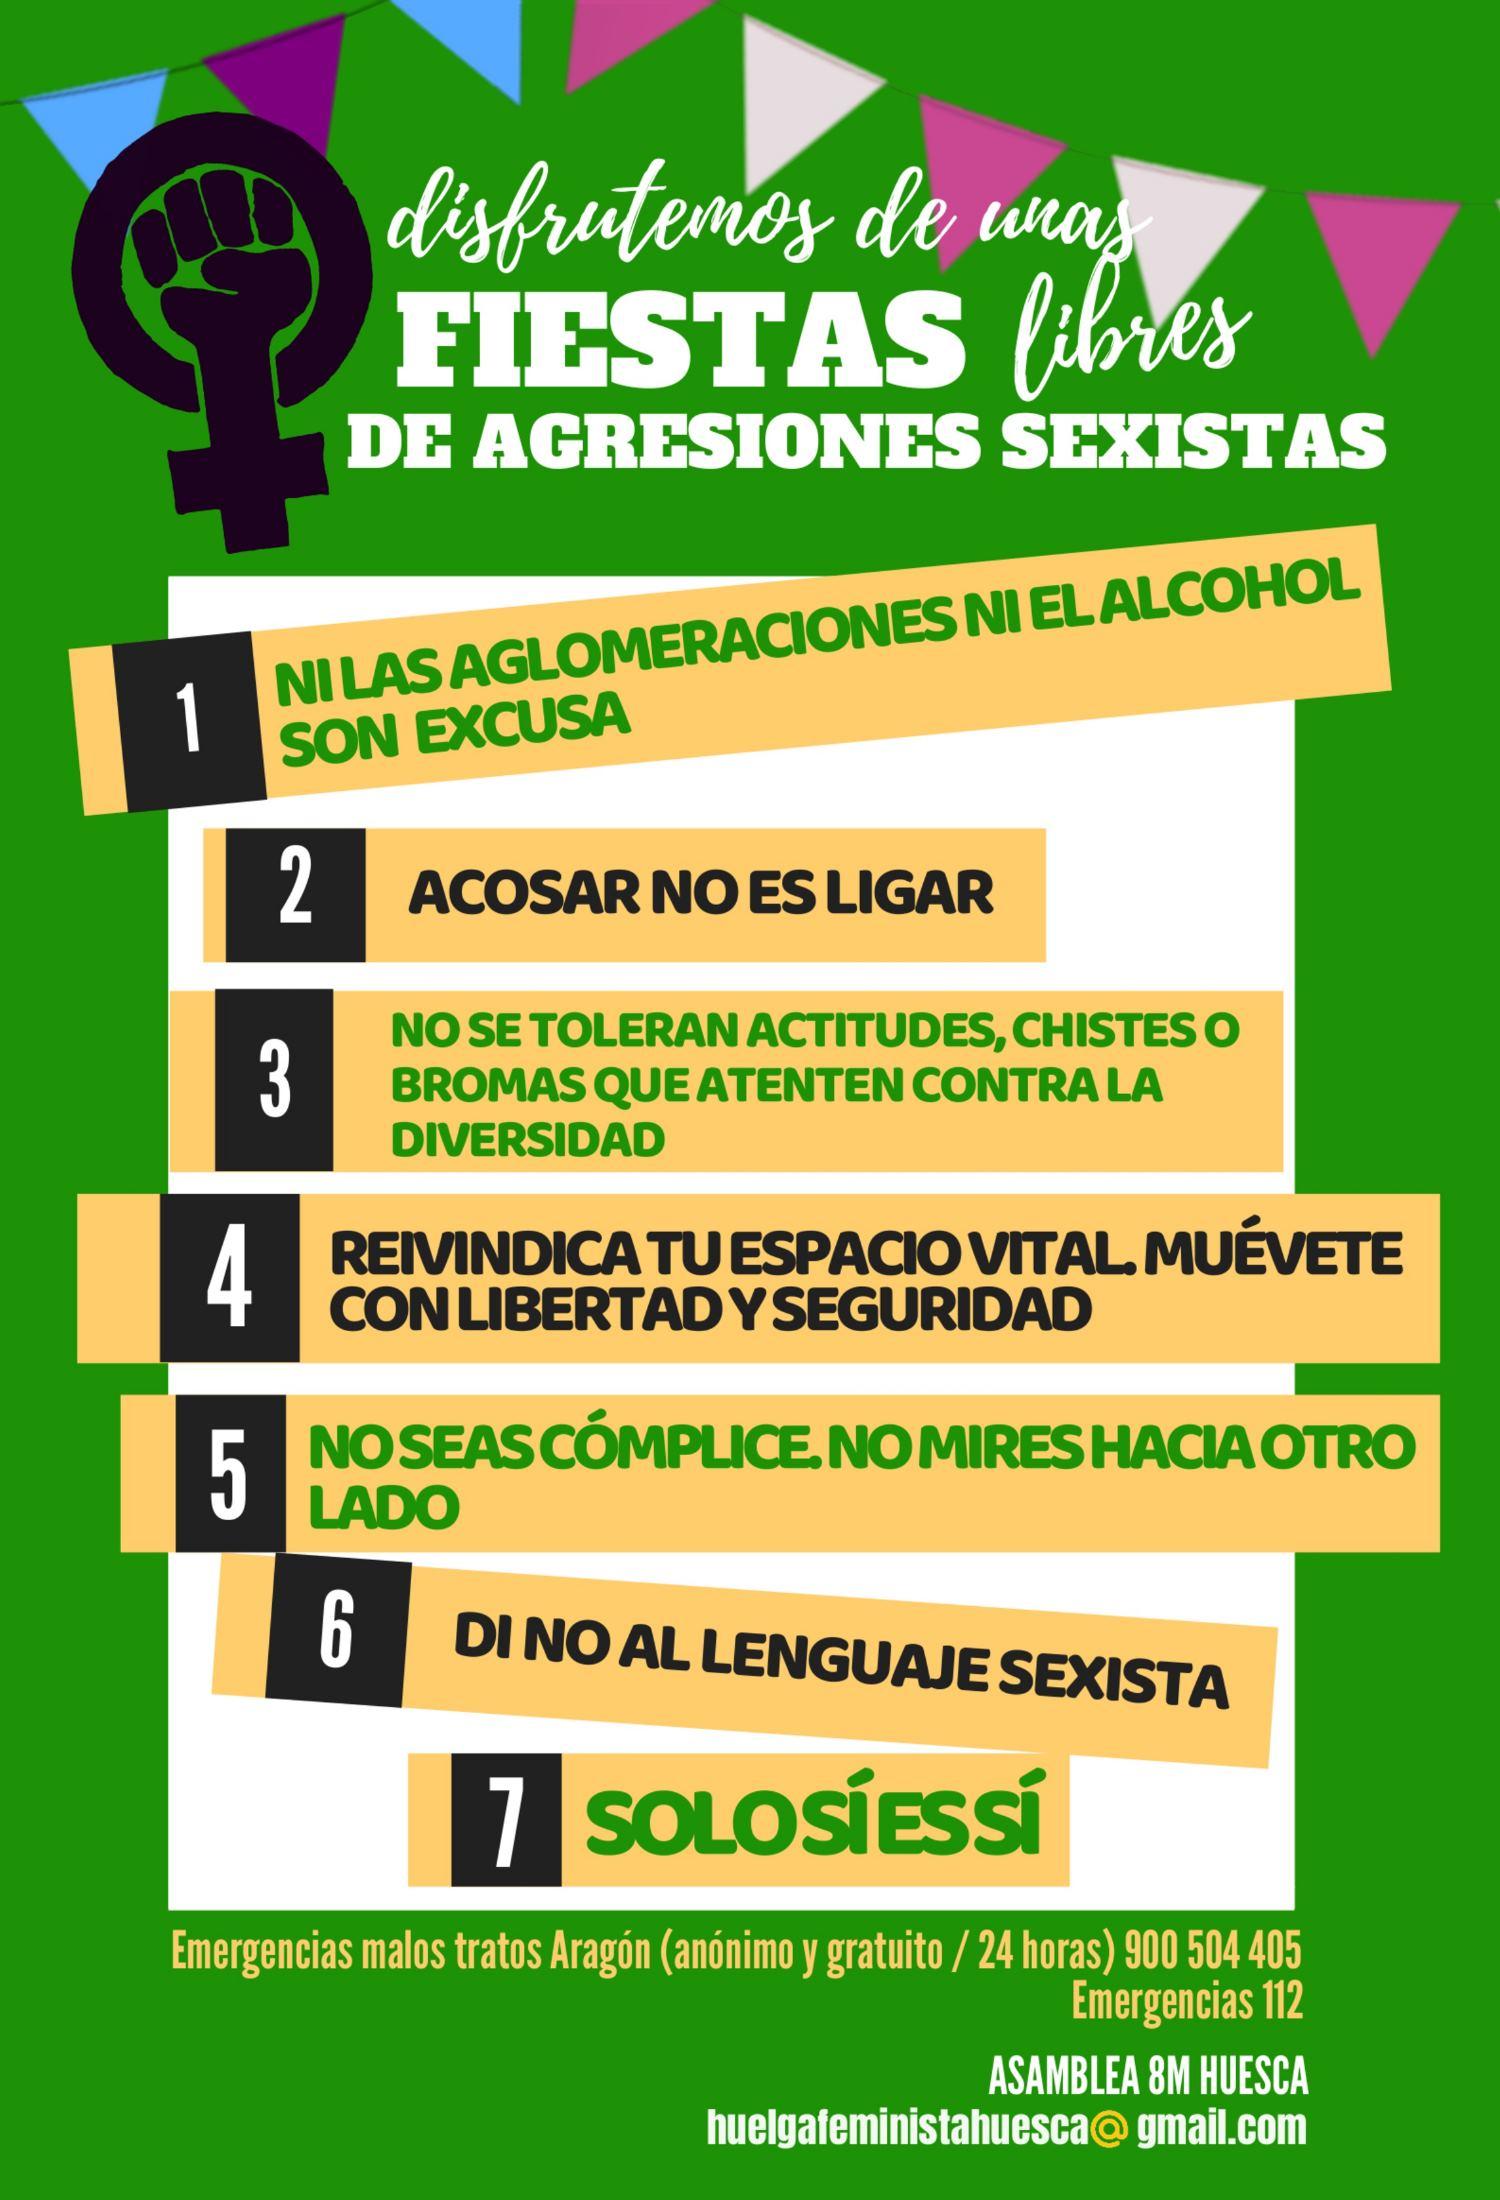 Colectivos feministas de Uesca lanzan un protocolo contra agresiones ...